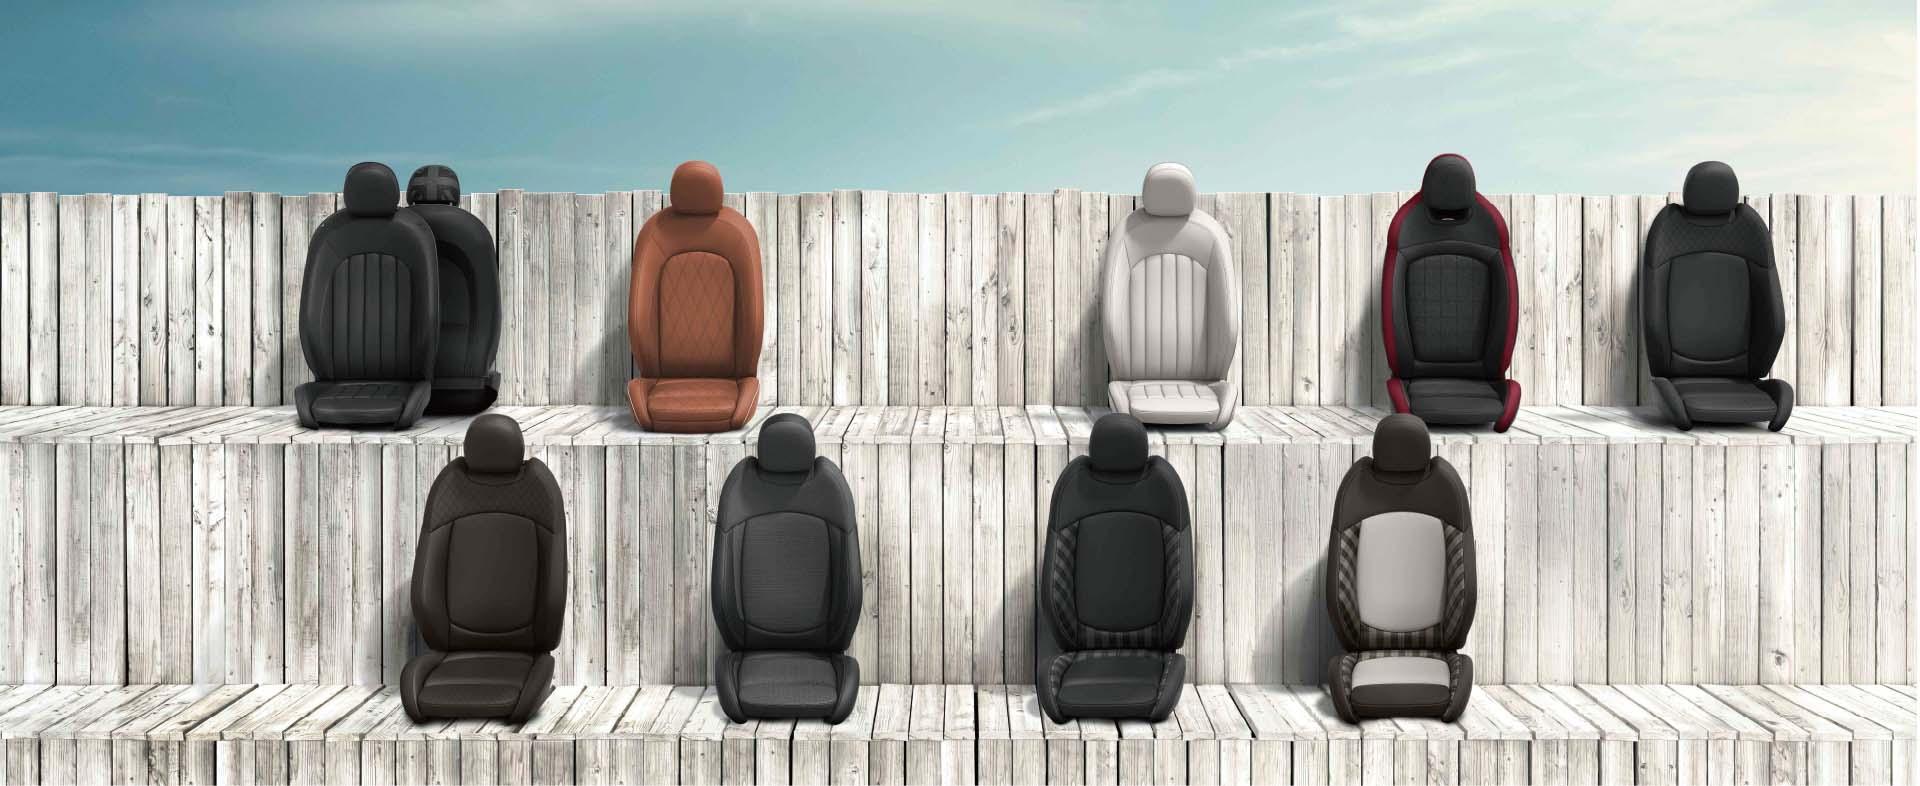 新一代 MINI CABRIO。 建议零售价:¥325,000起